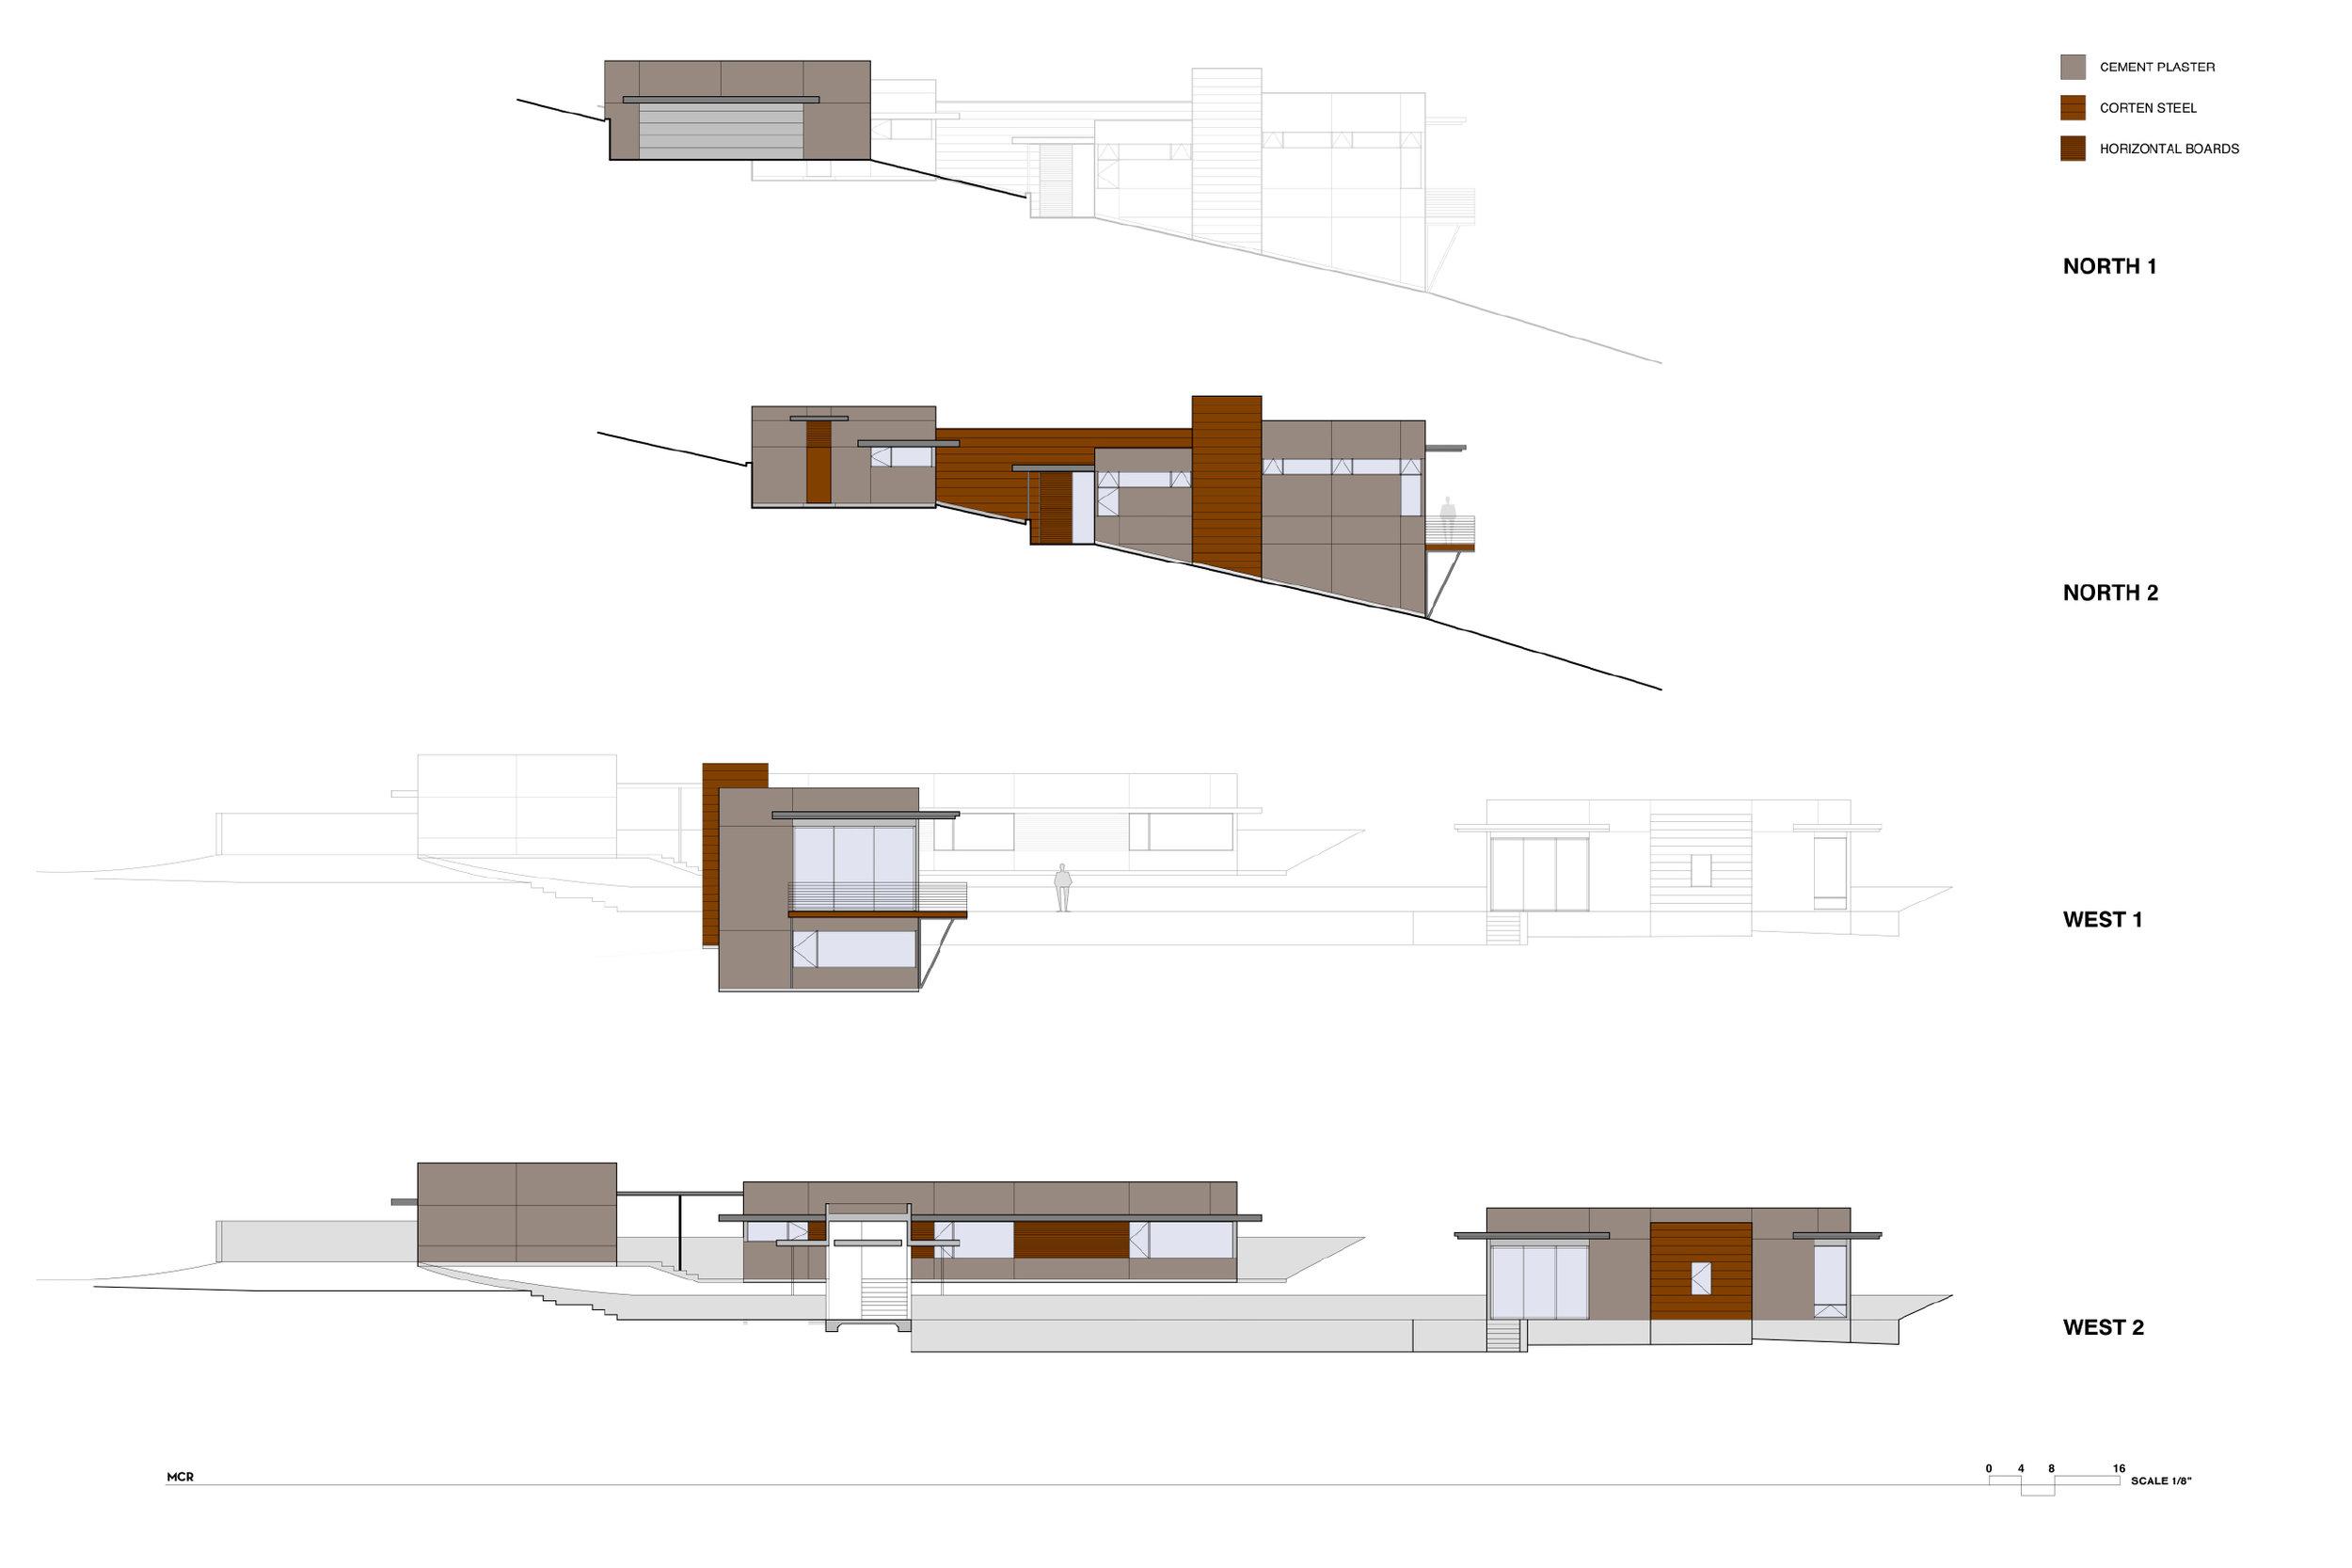 MCR_drawings_1.jpg